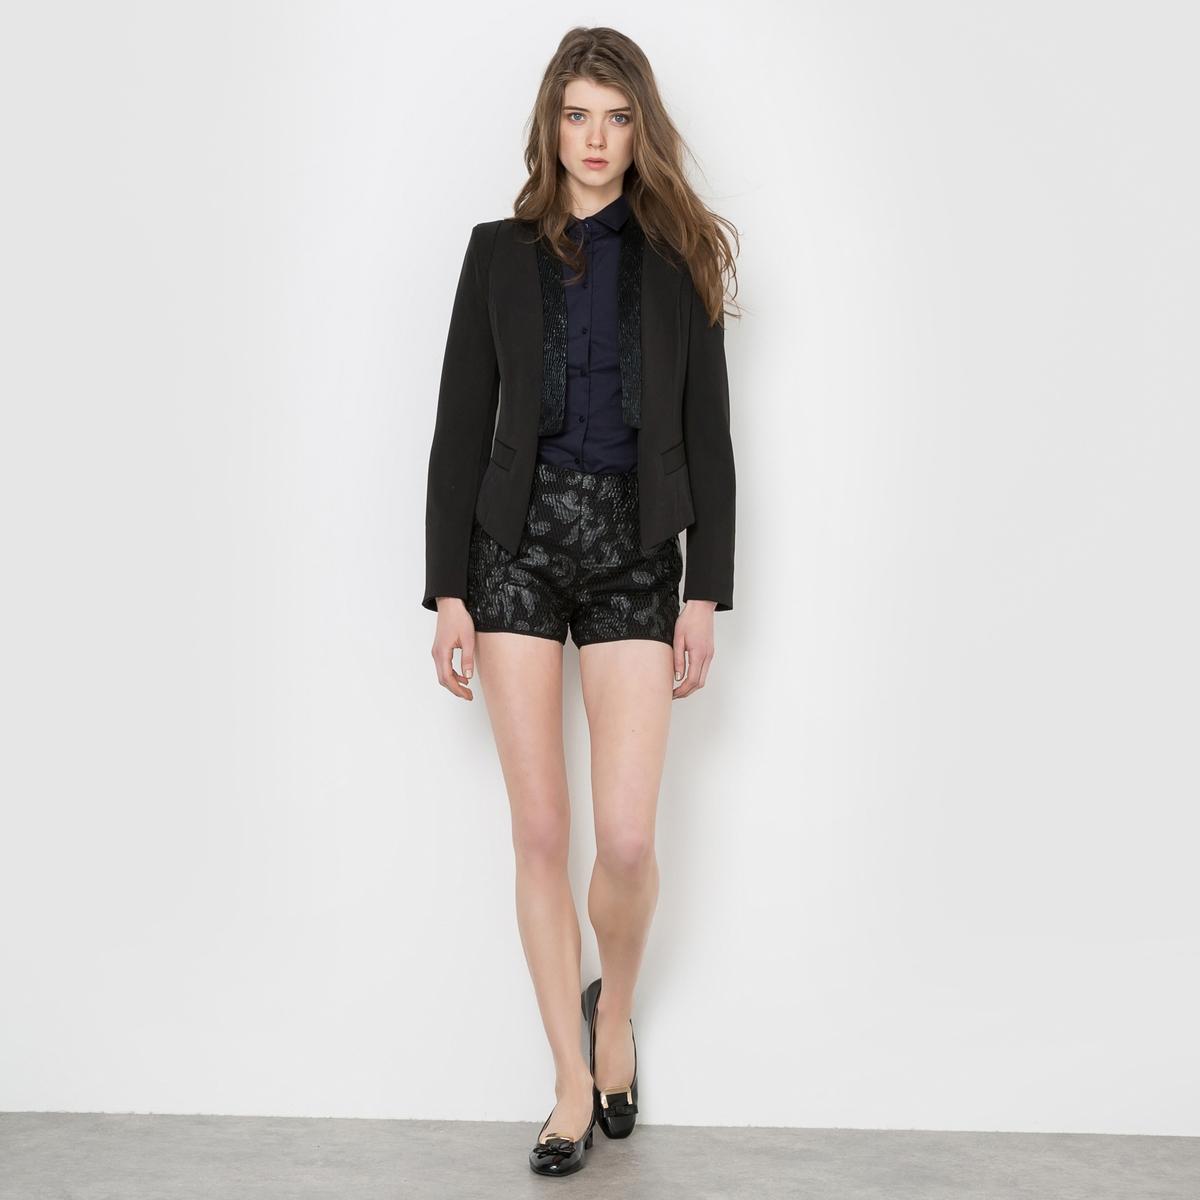 Пиджак от костюма с пайеткамиПиджак  Molly Bracken. Приталенный покрой, женственный пиджак в стиле смокинг. Отвороты украшены пайетками. 2 кармана спереди. Подчеркнутые плечи. Состав и описание:Марка: MOLLY BRACKEN.Материалы: Верх: 97% полиэстера, 3% эластана - Подкладка: 100% полиэстера.Уход:Сухая чистка.<br><br>Цвет: черный<br>Размер: S